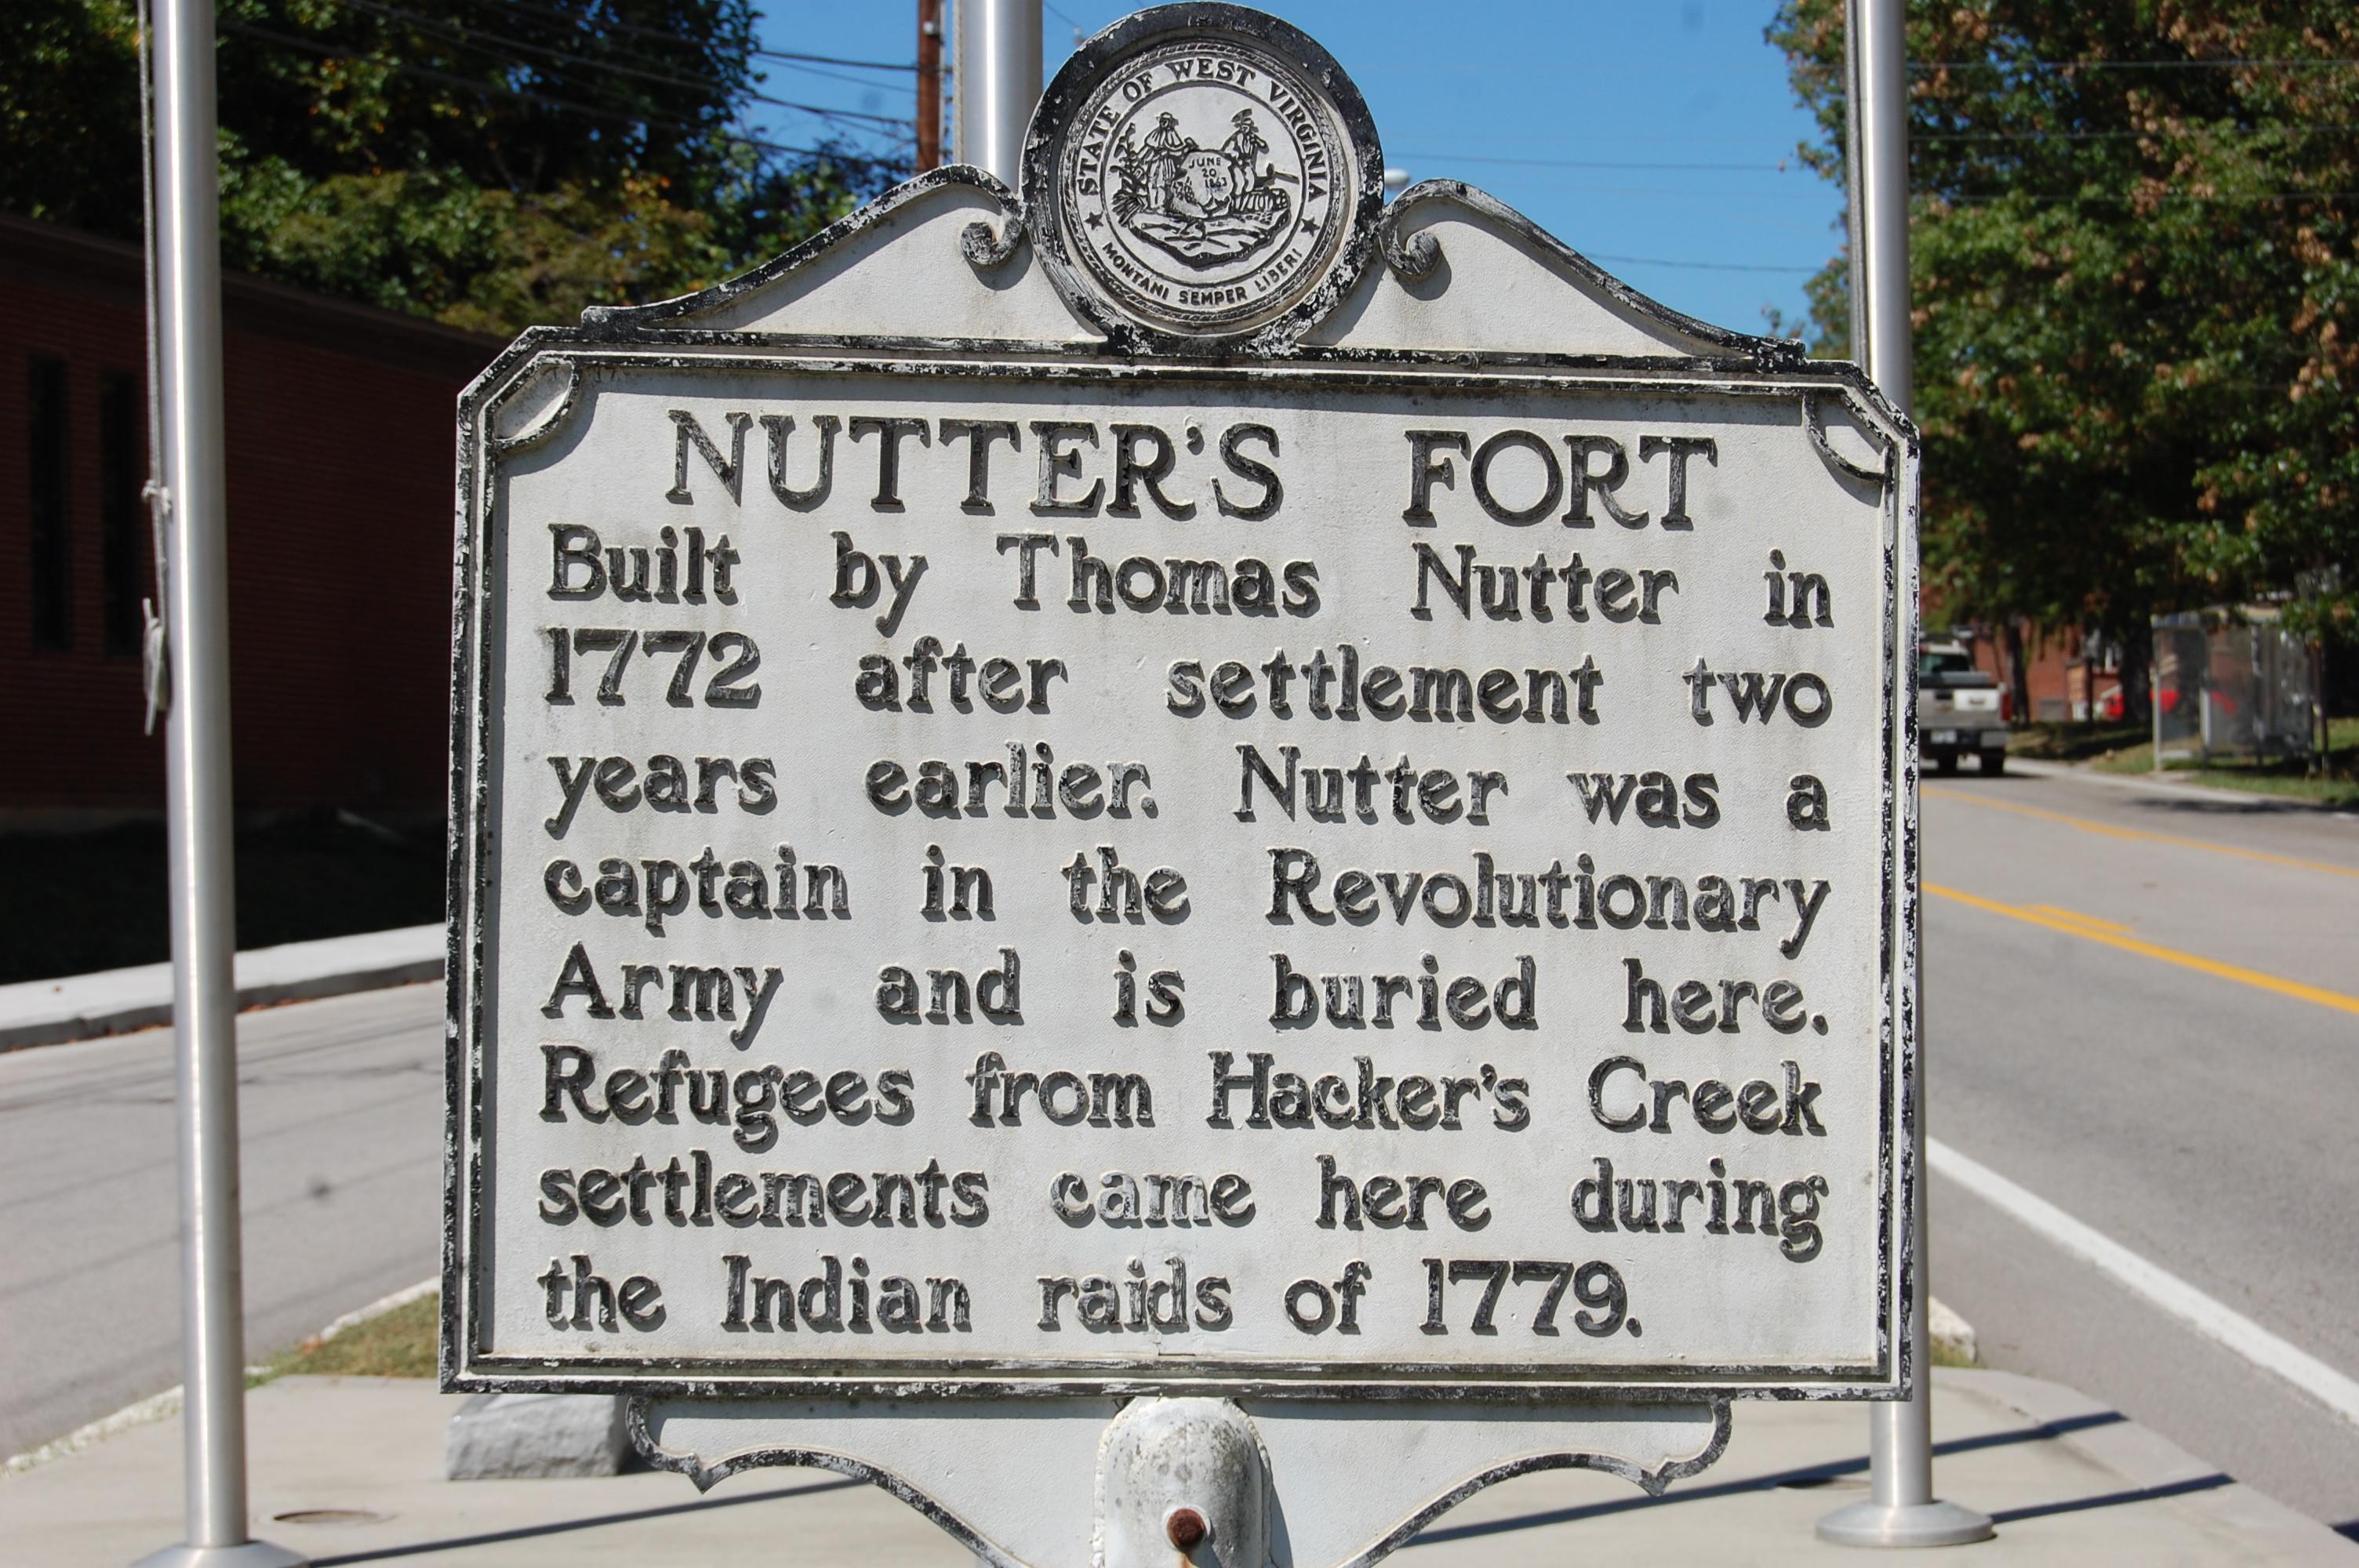 West Virginia Historical Road marker for Nutter Fort.